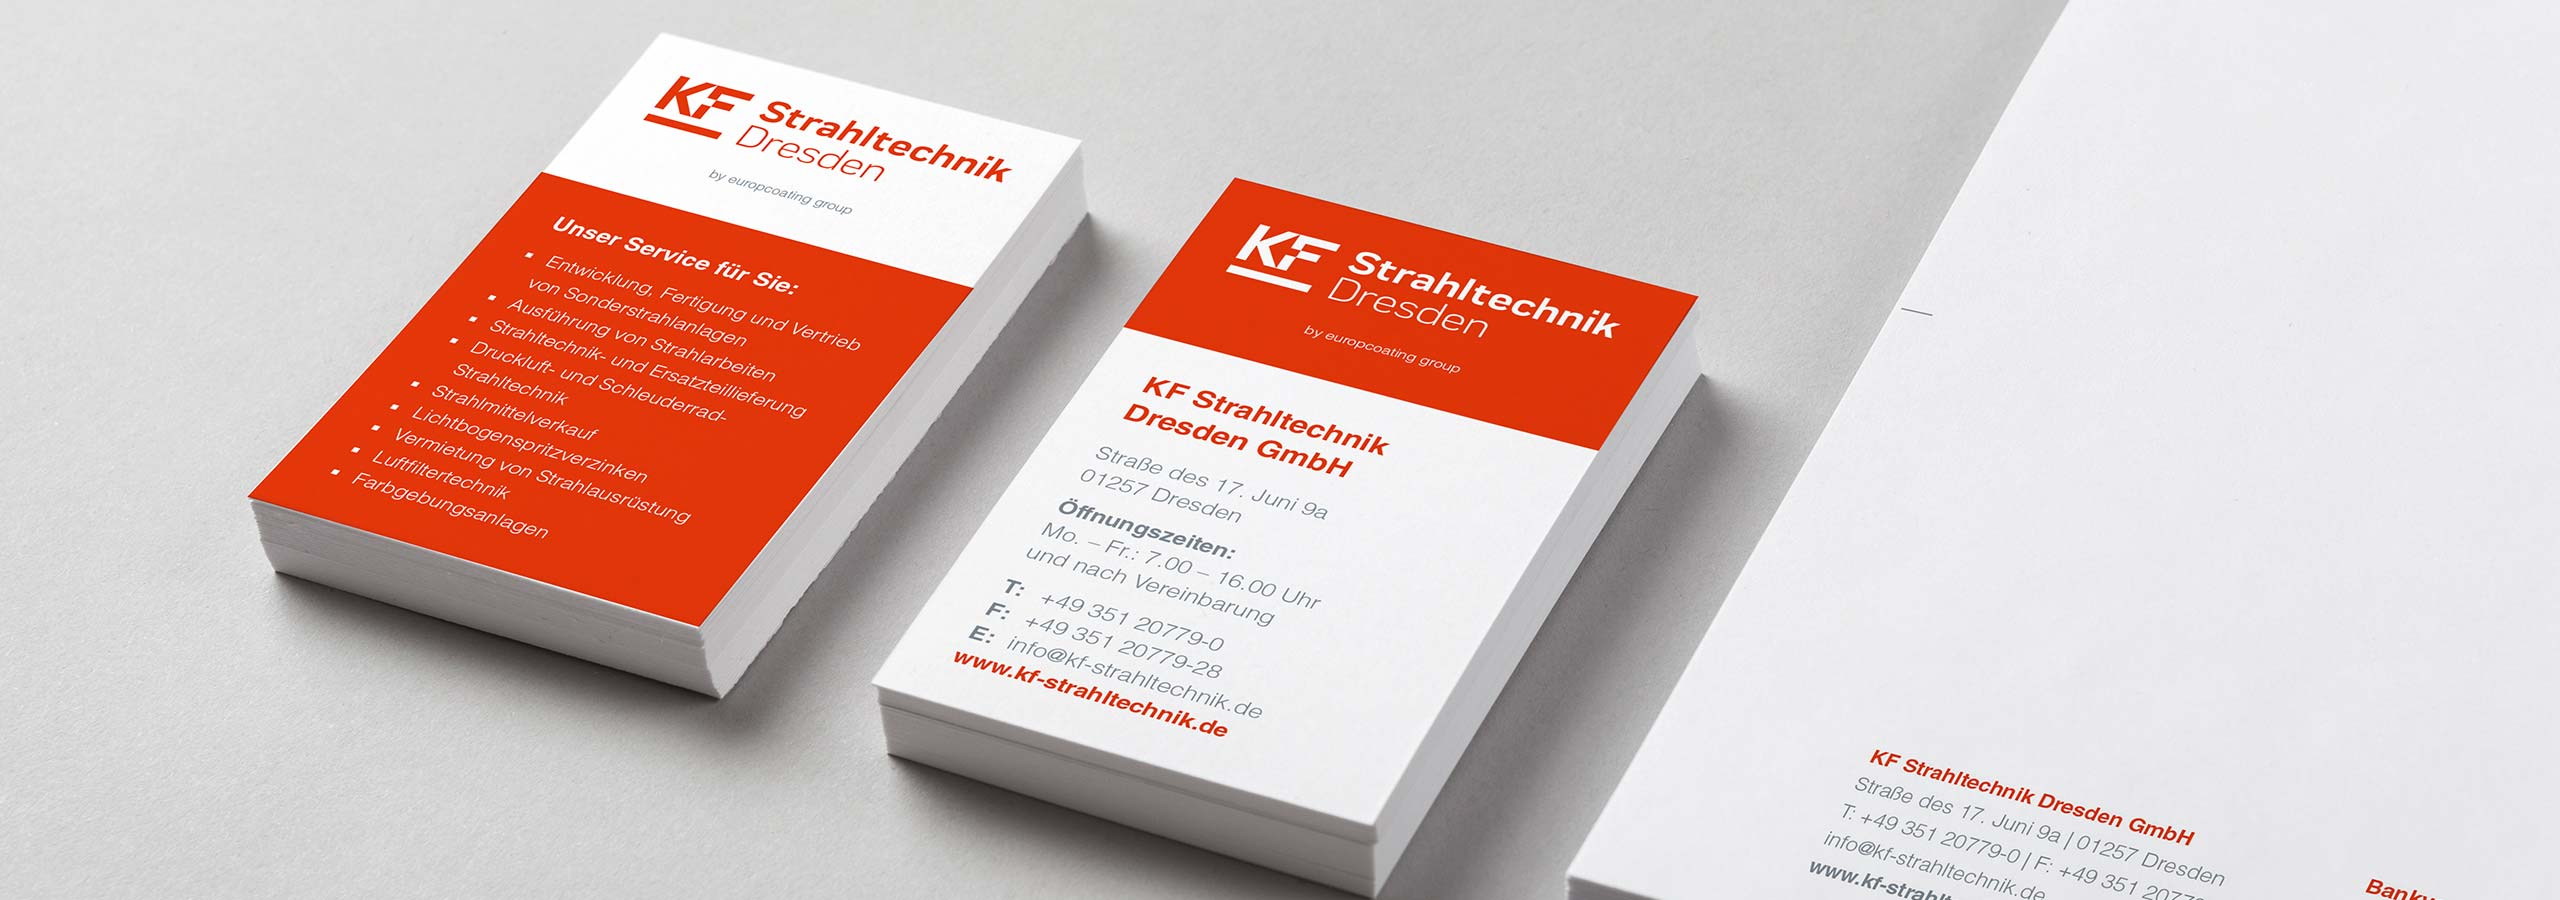 KF Strahltechnik Dresden | Umfirmierung von KF Strahltechnik